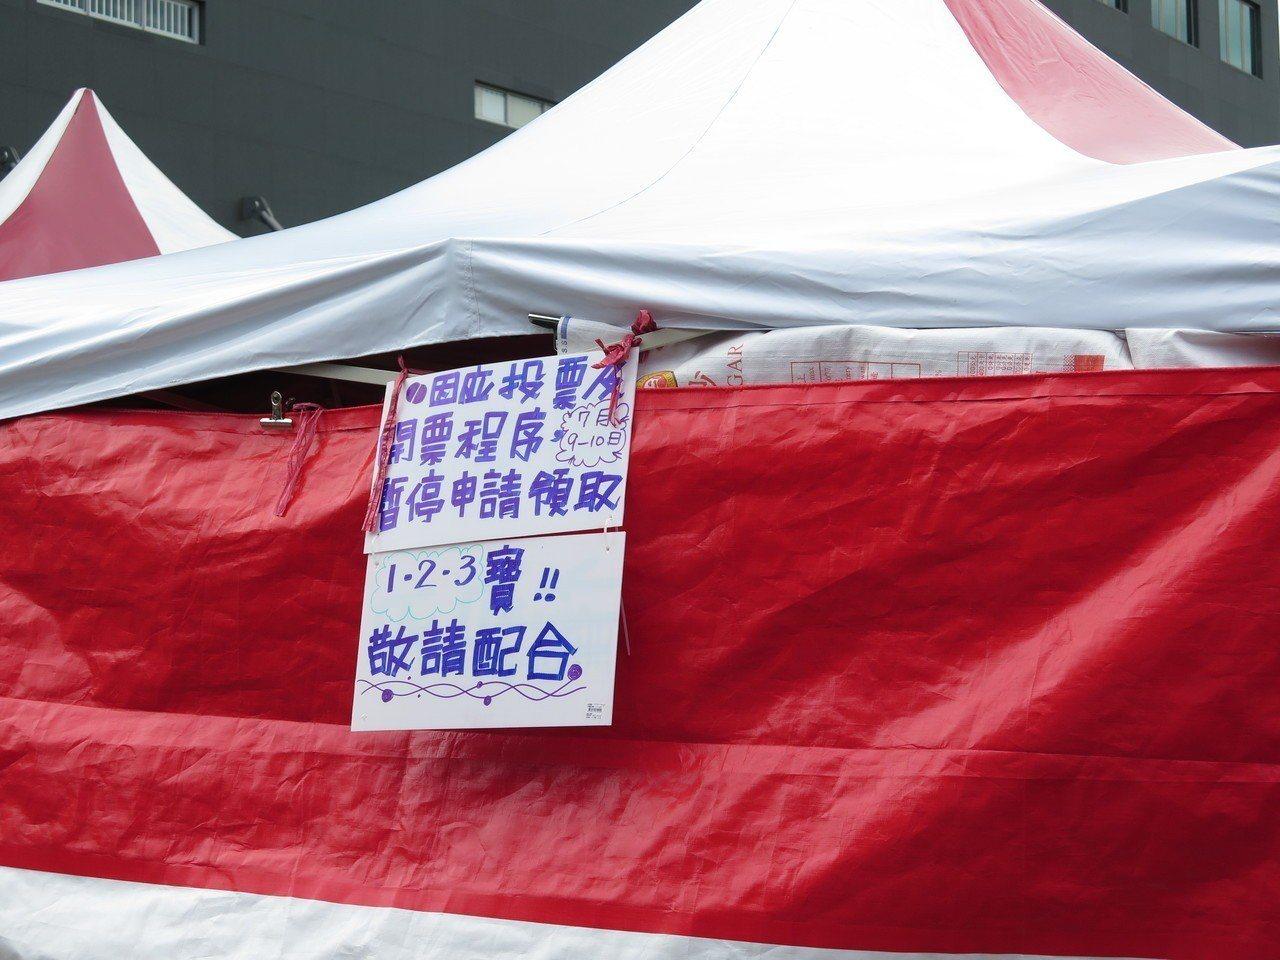 長榮航空空服員罷工今天邁入第17天,工會預計9日展開第二次意向投票,屆時暫停申請...